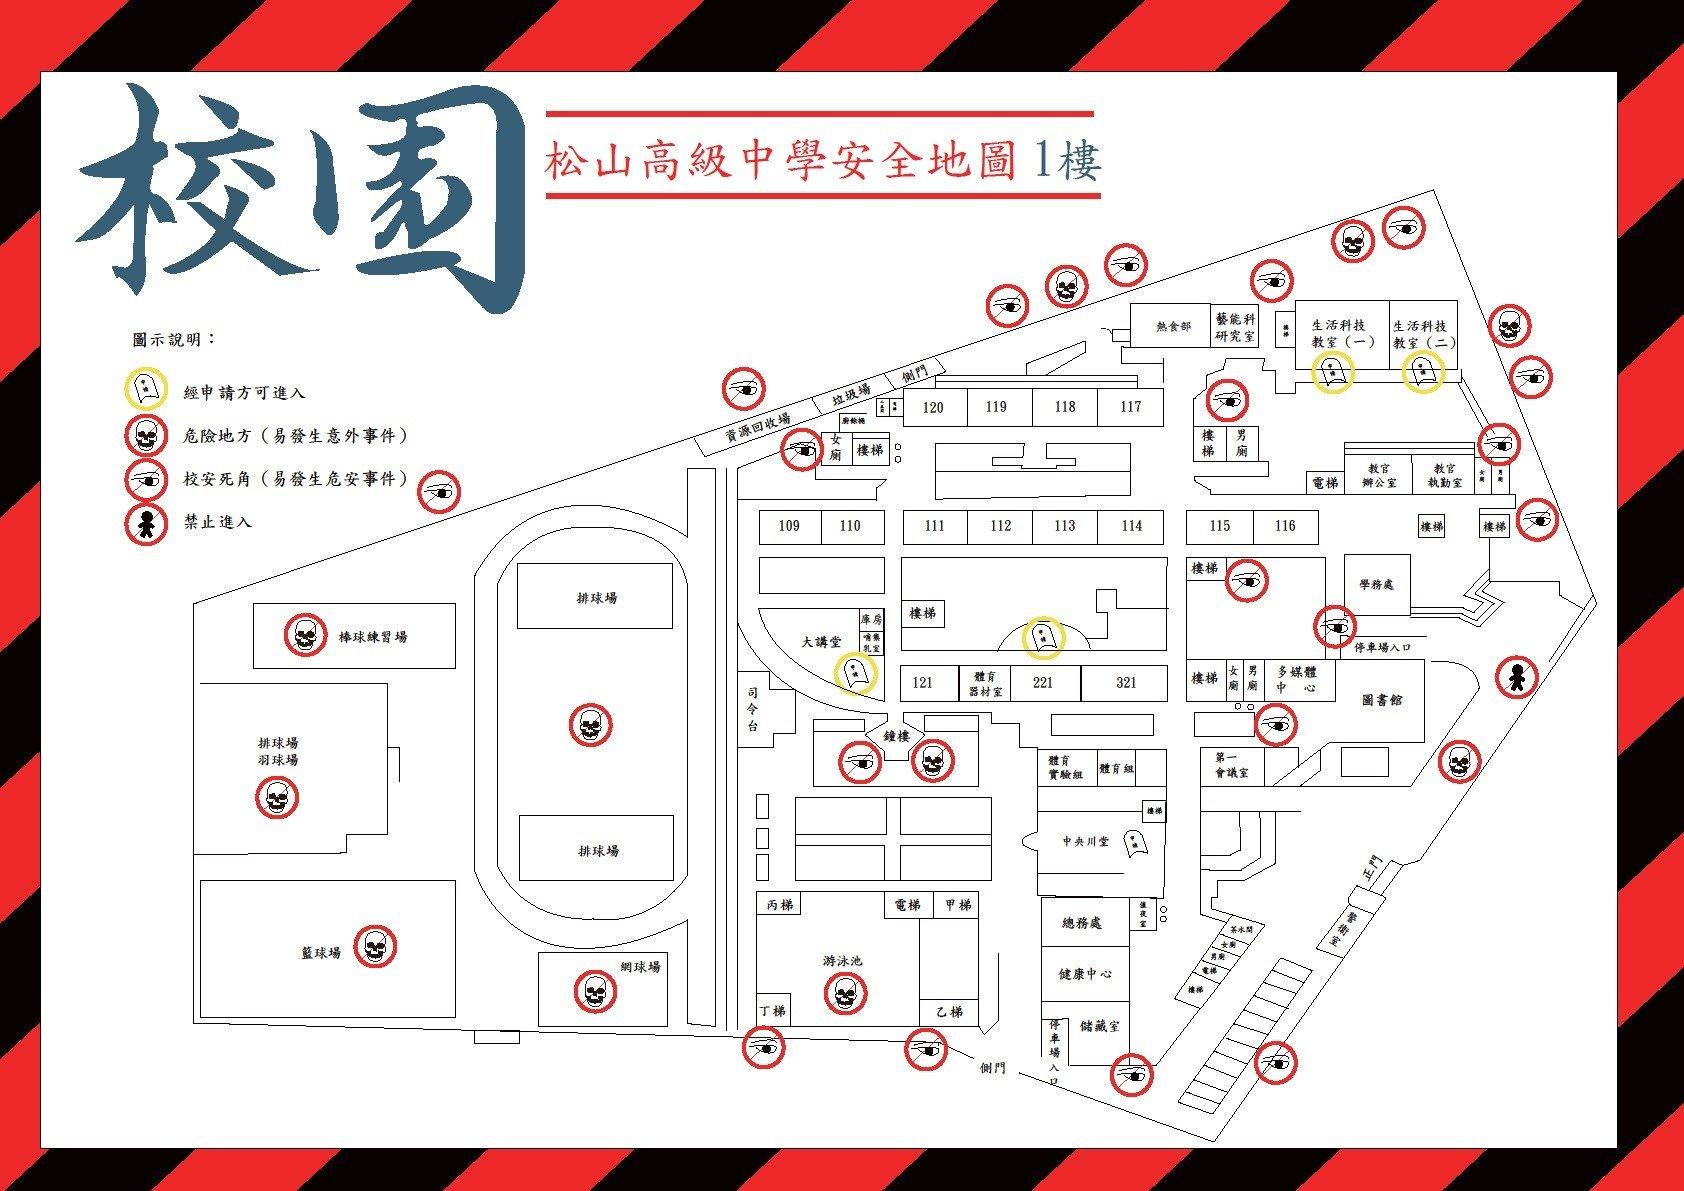 1樓校園安全地圖更正1